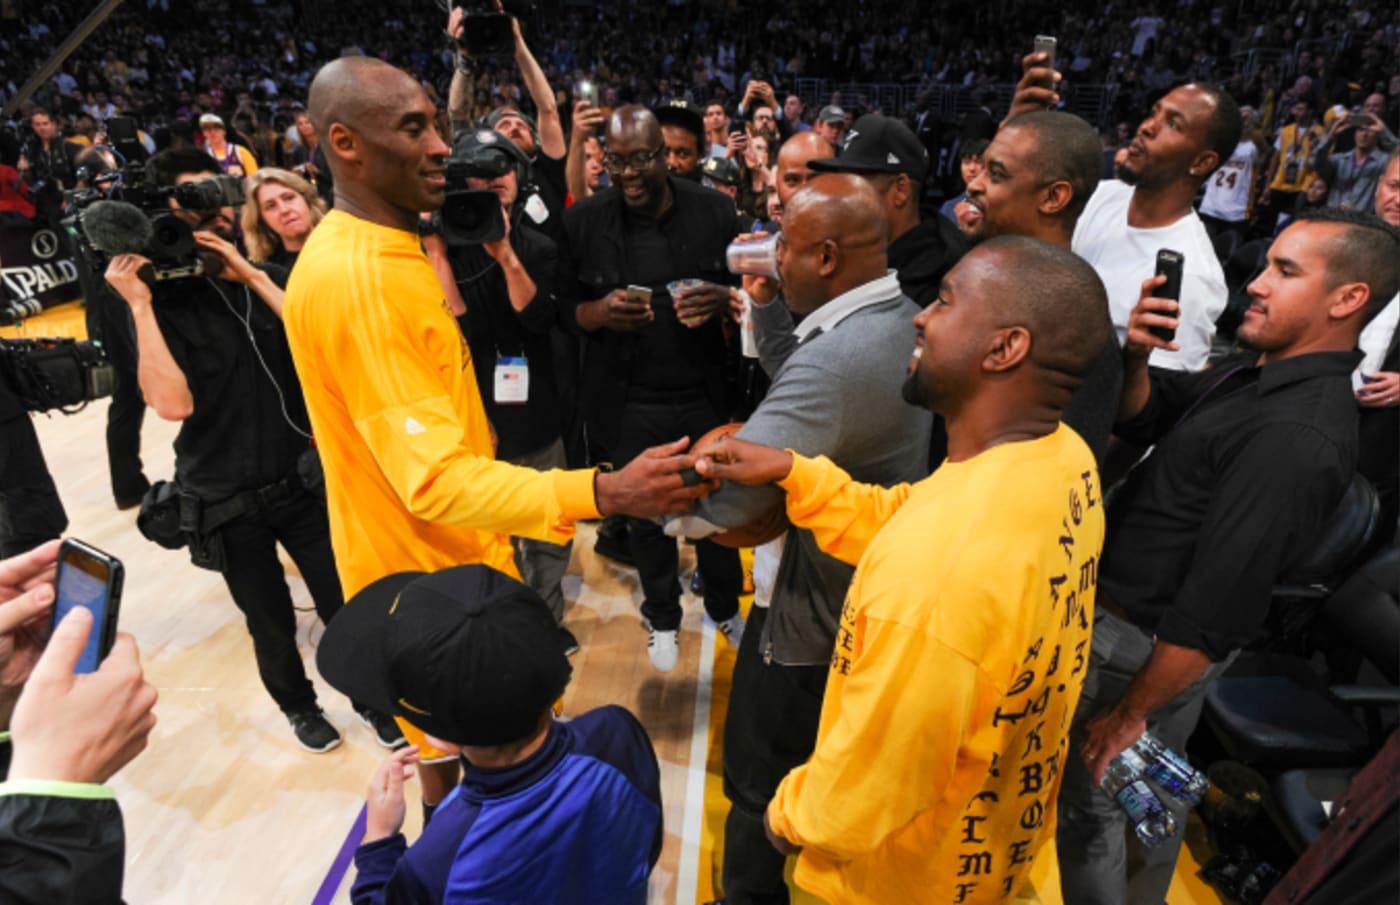 Kanye West greets Kobe Bryant